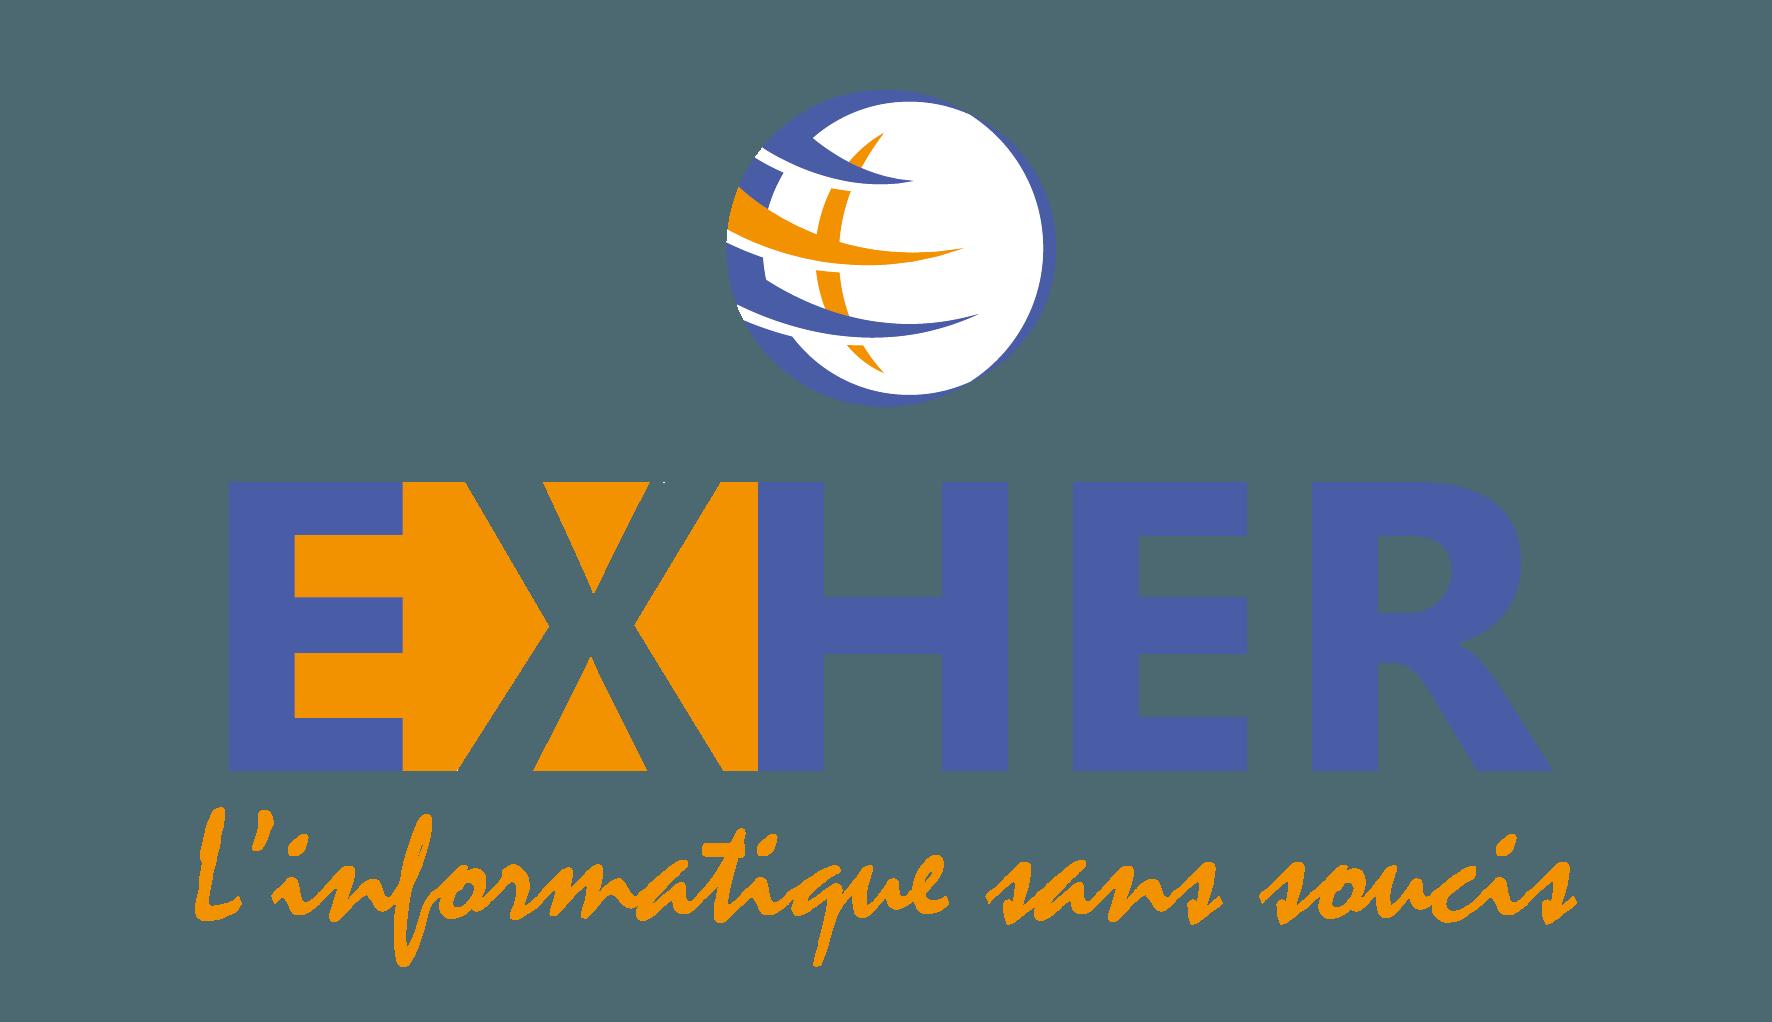 Exher